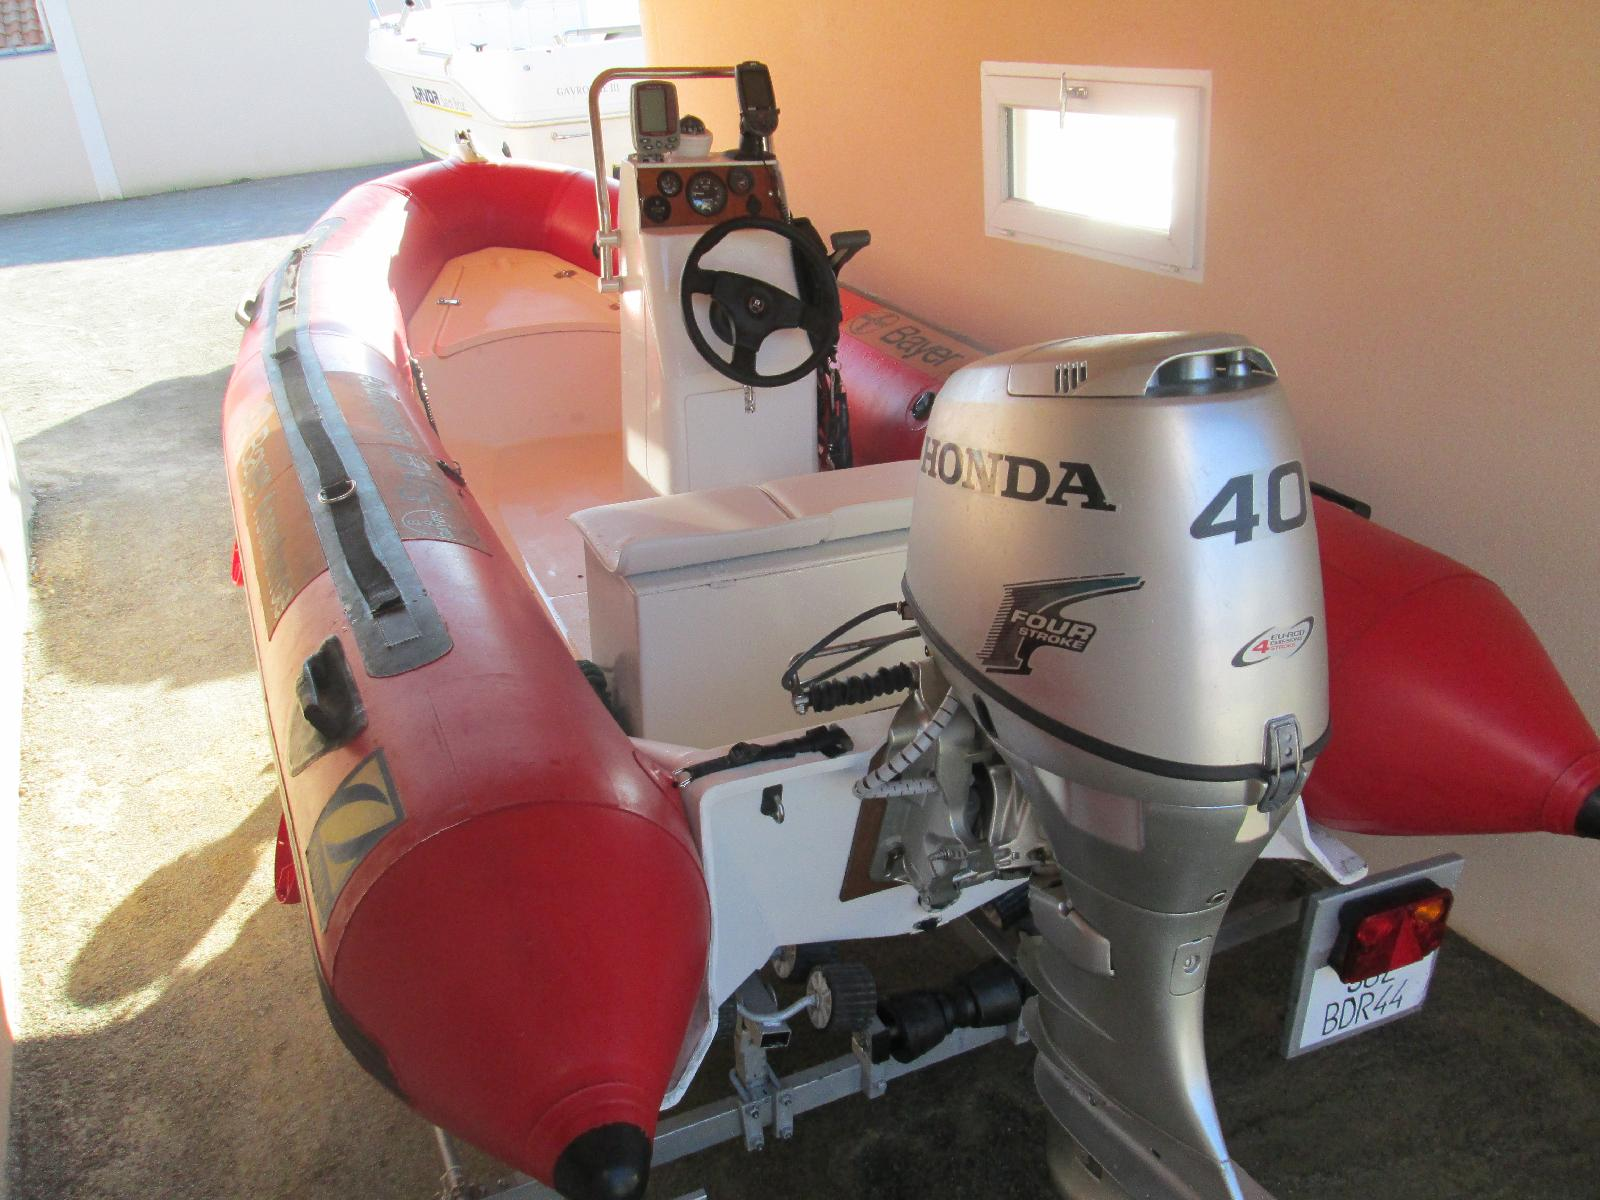 surchauffe moteur honda bf 40 de 2004 m canique forum bateau. Black Bedroom Furniture Sets. Home Design Ideas